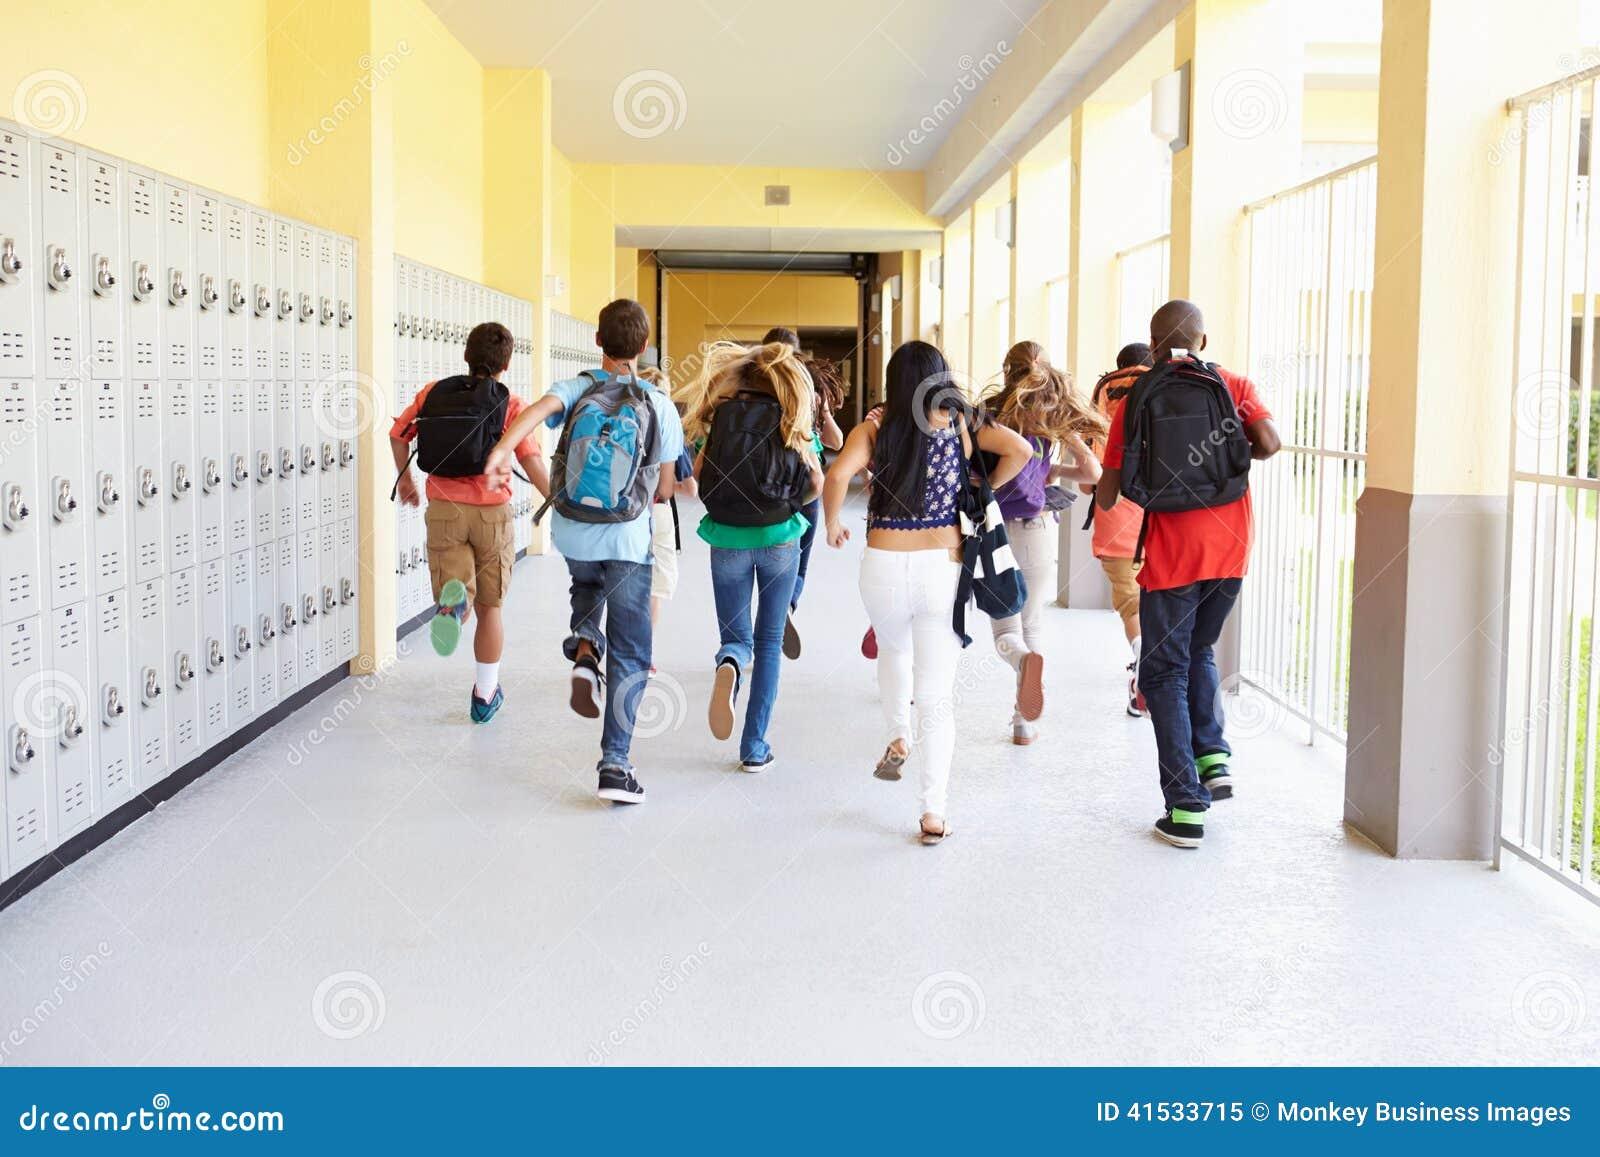 小组跑沿走廊的高中学生